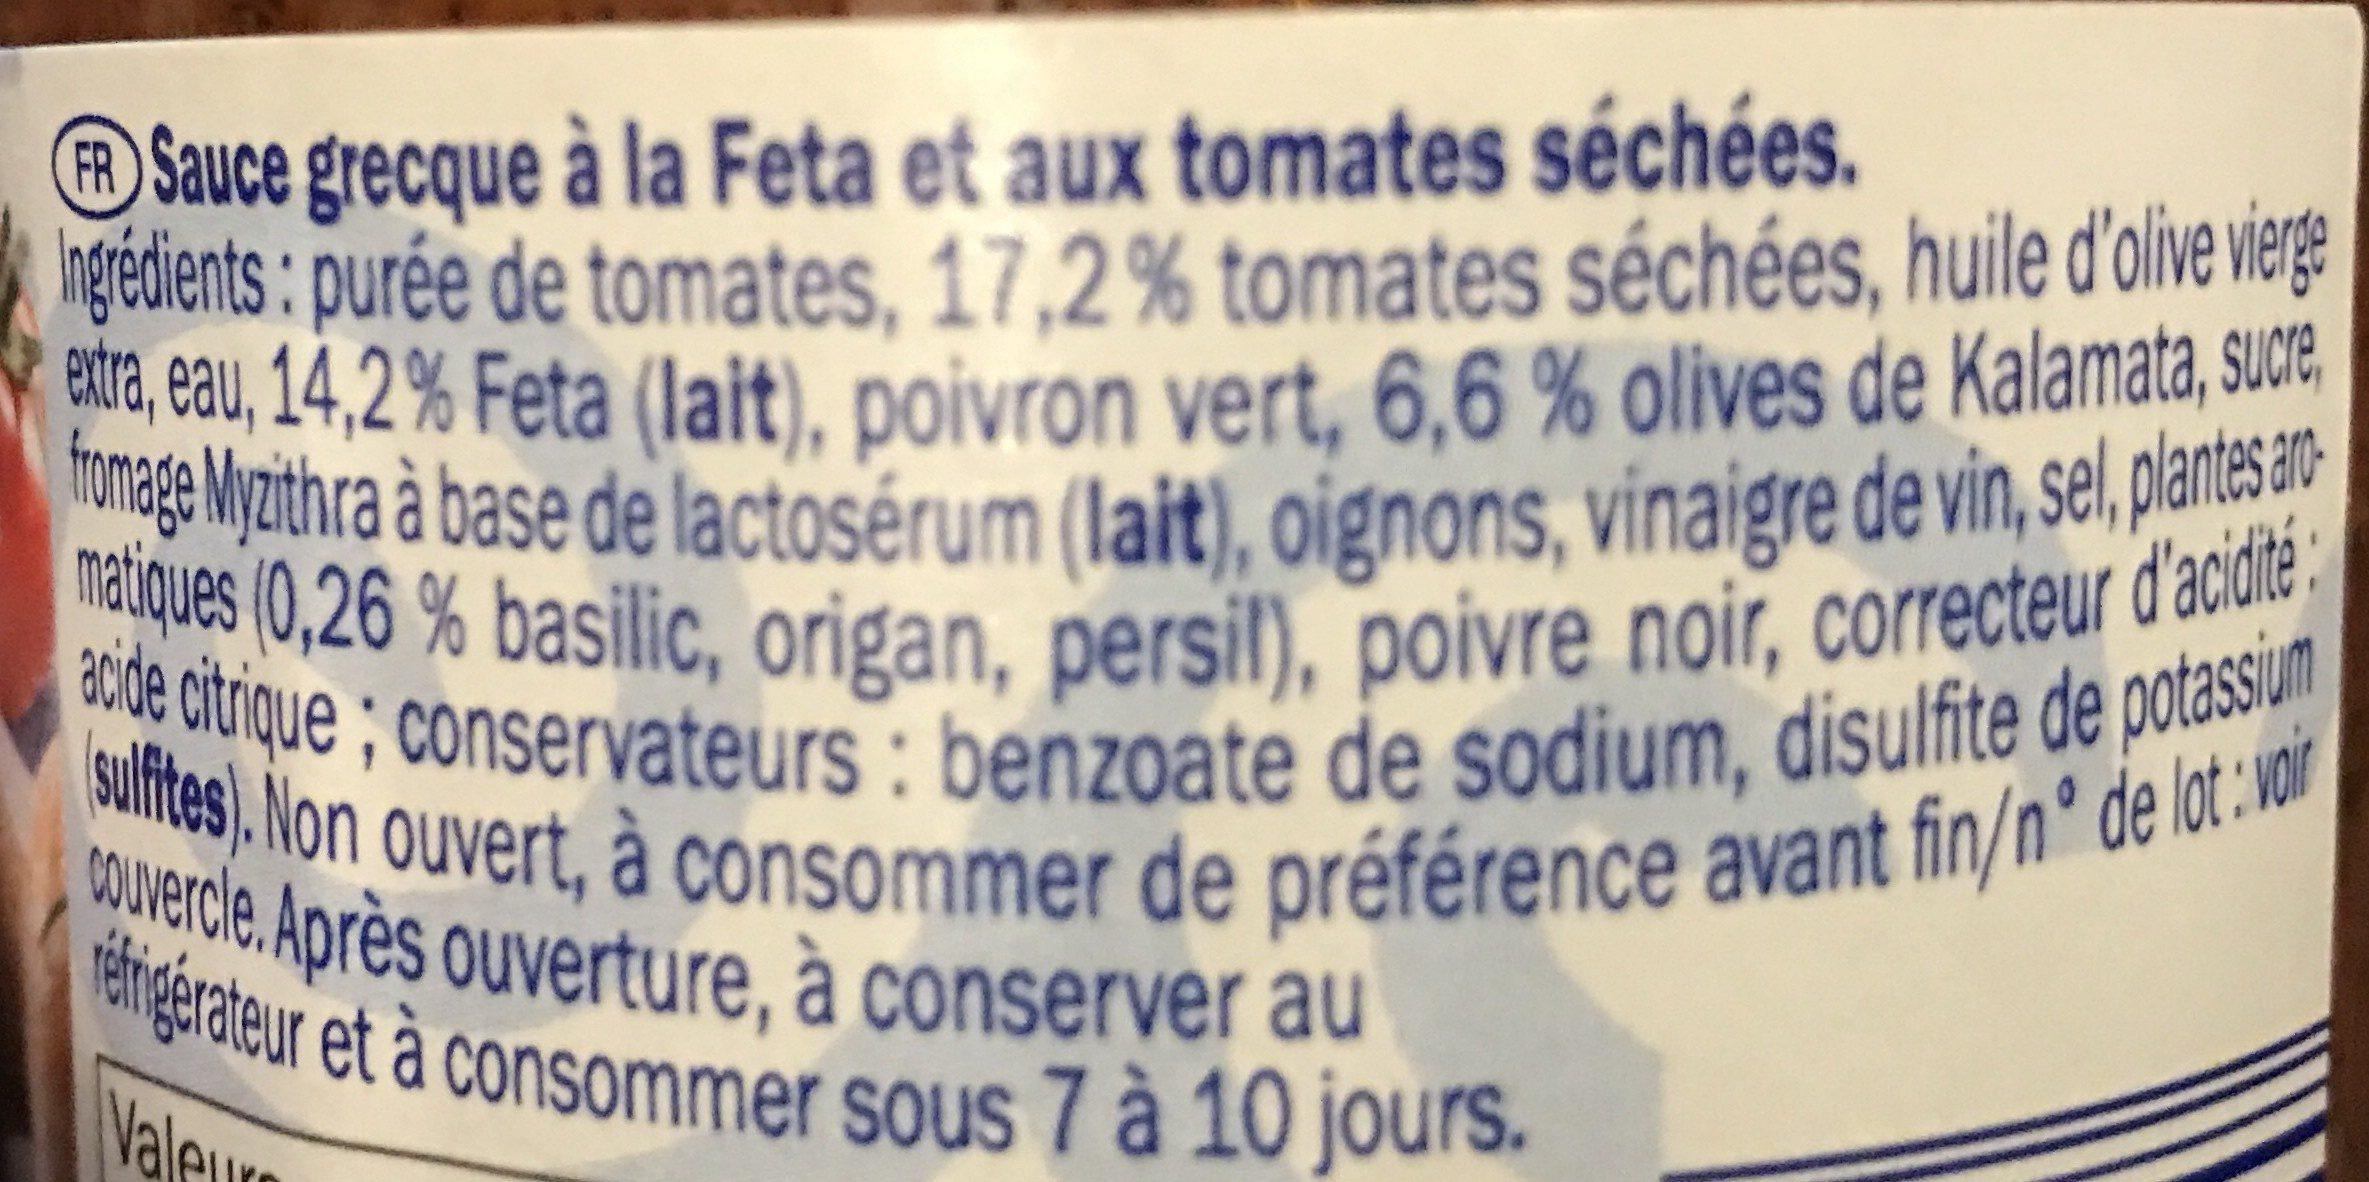 Sauce grecque Feta & tomate séchée - Ingrediënten - fr